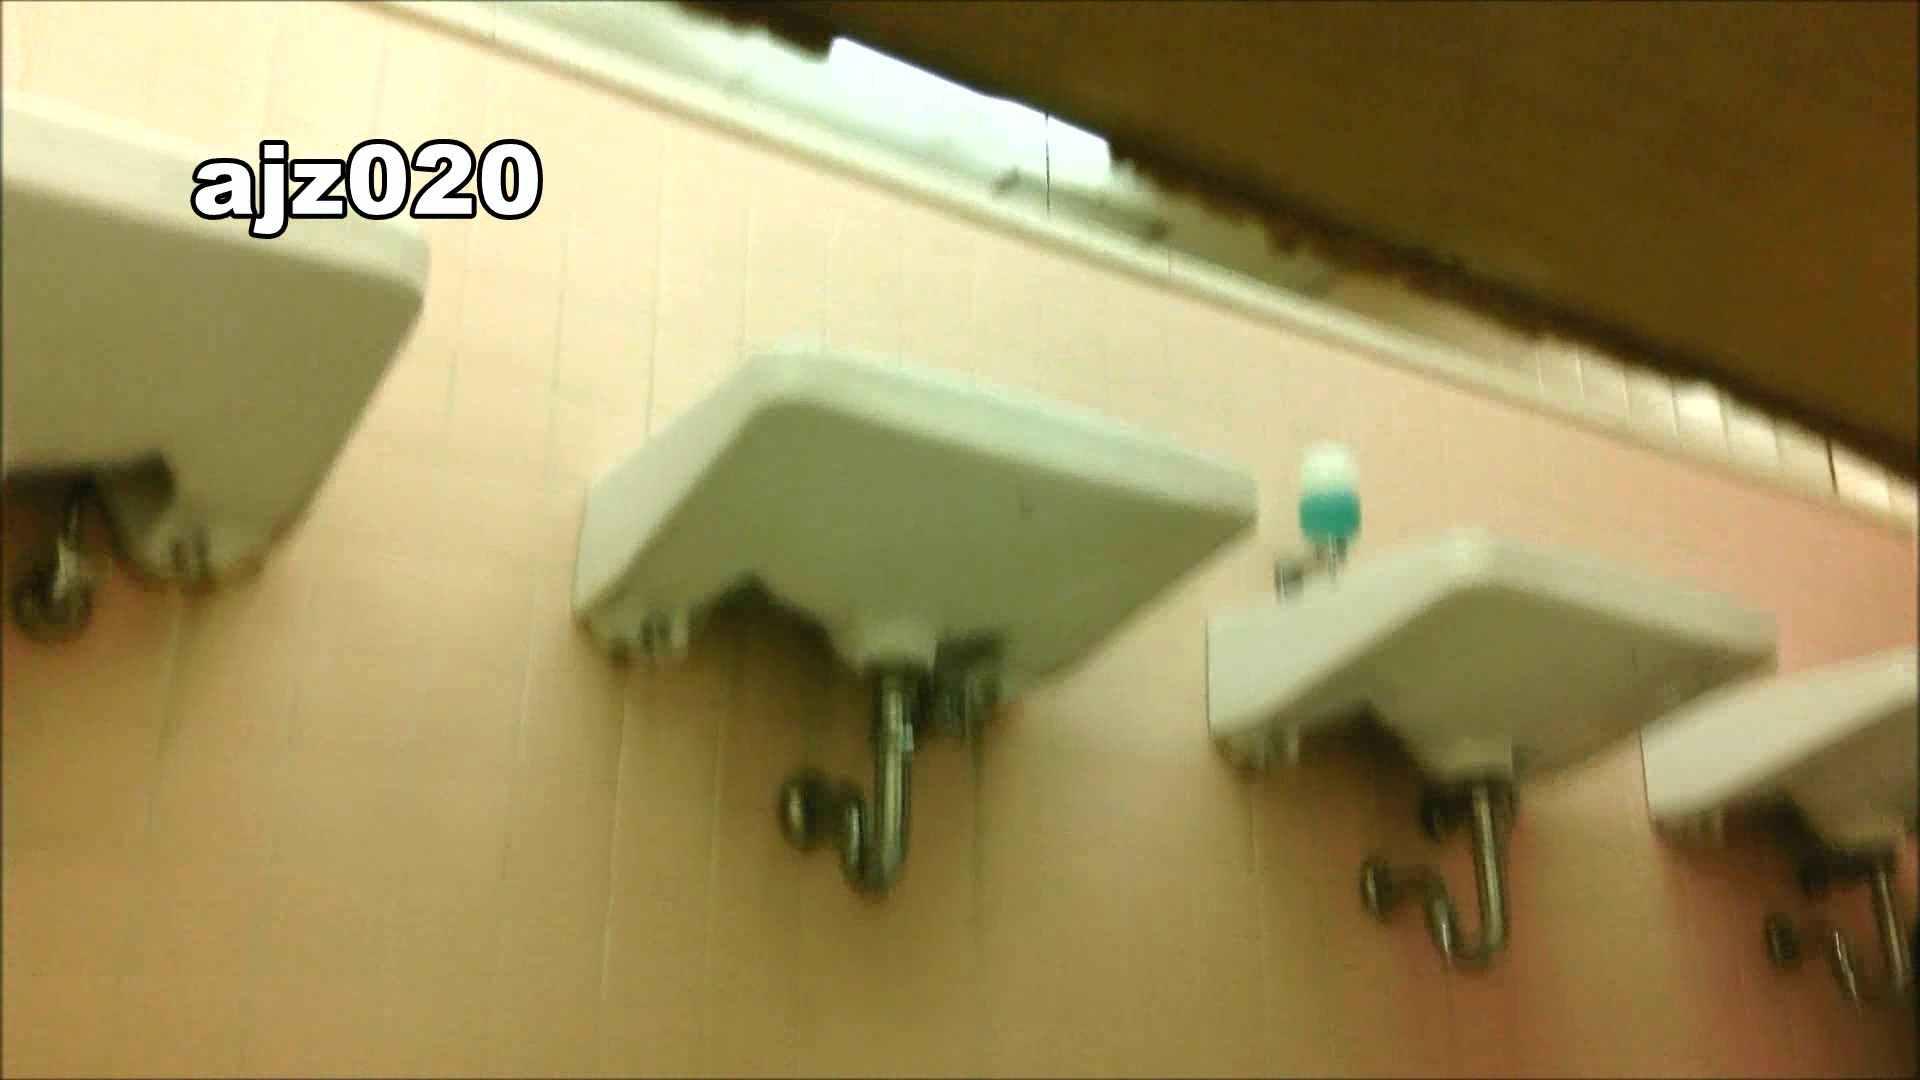 某有名大学女性洗面所 vol.20 丸見えマンコ   盛合せ  39画像 27